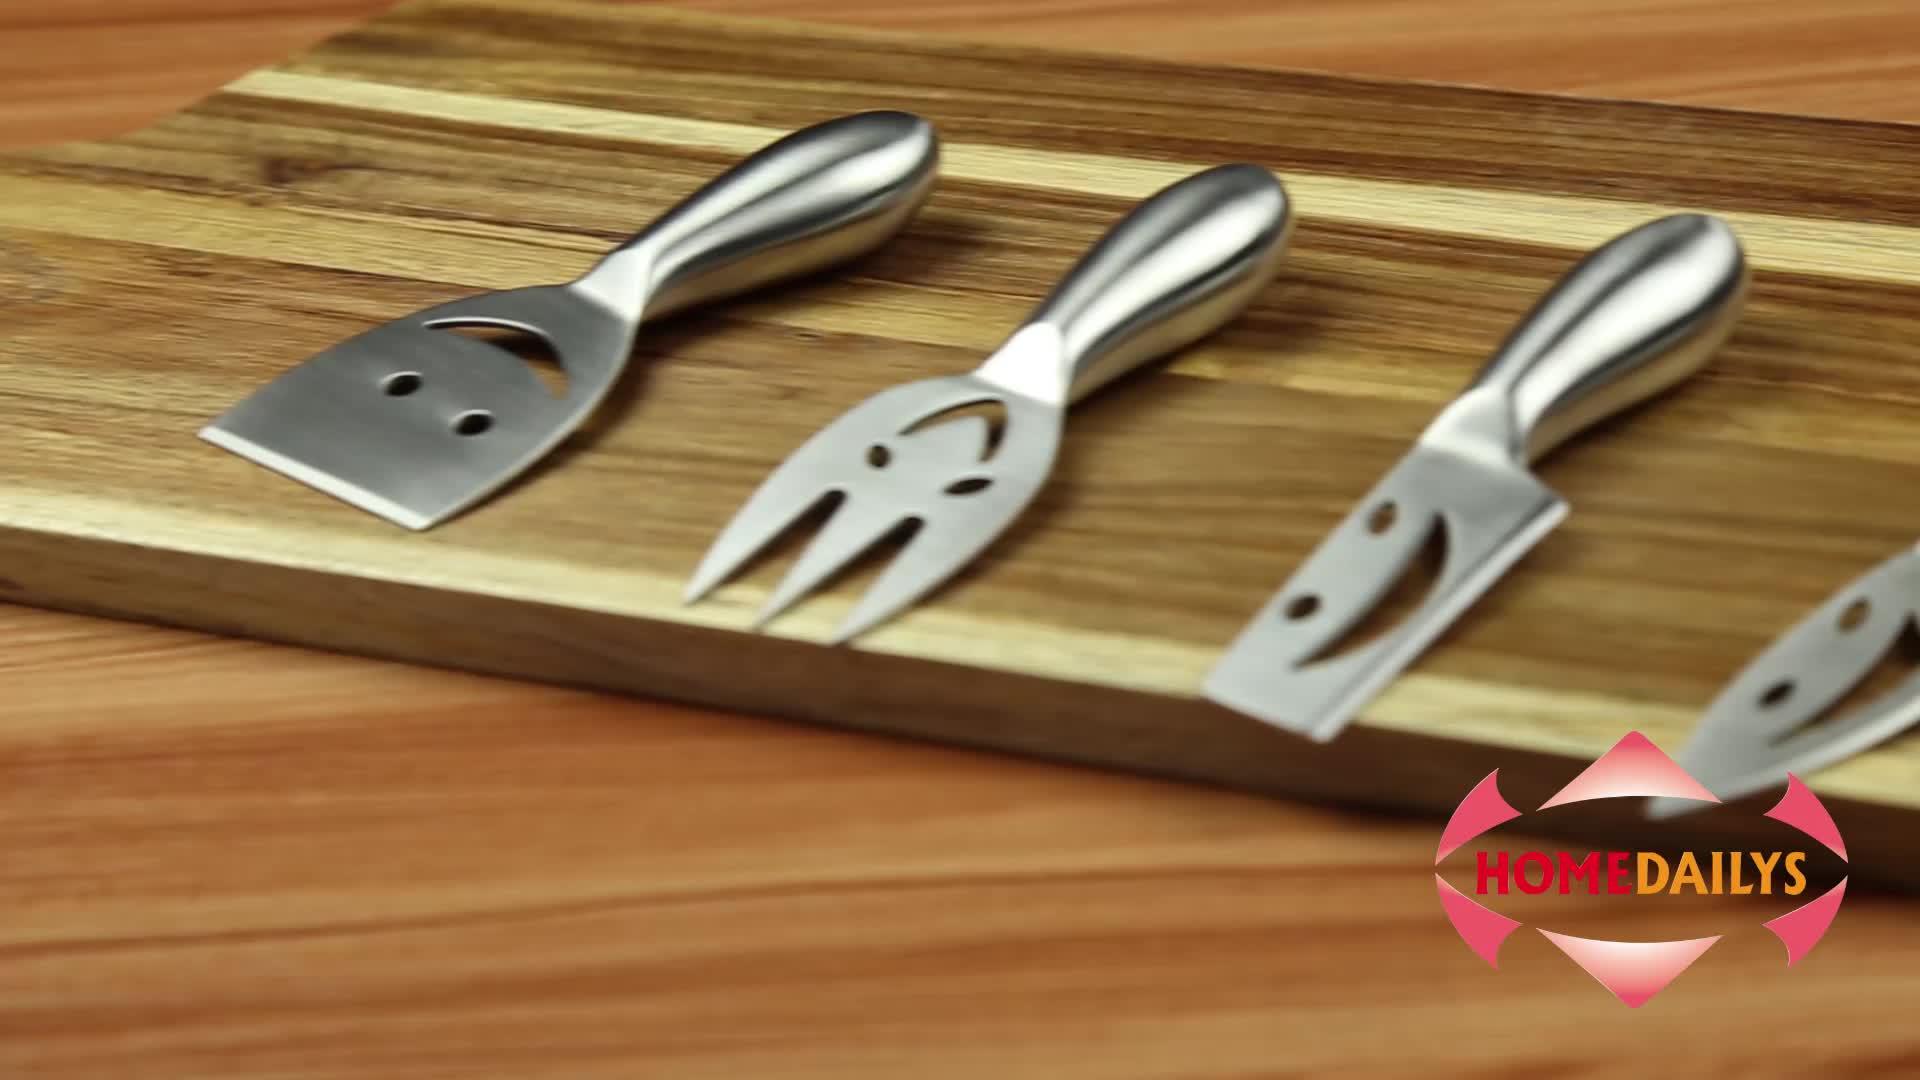 4 Set Mutlu Yüzler Yemek Peynir setleri Çatal Bıçak Paslanmaz çelik kürek Dilimleme Kesici